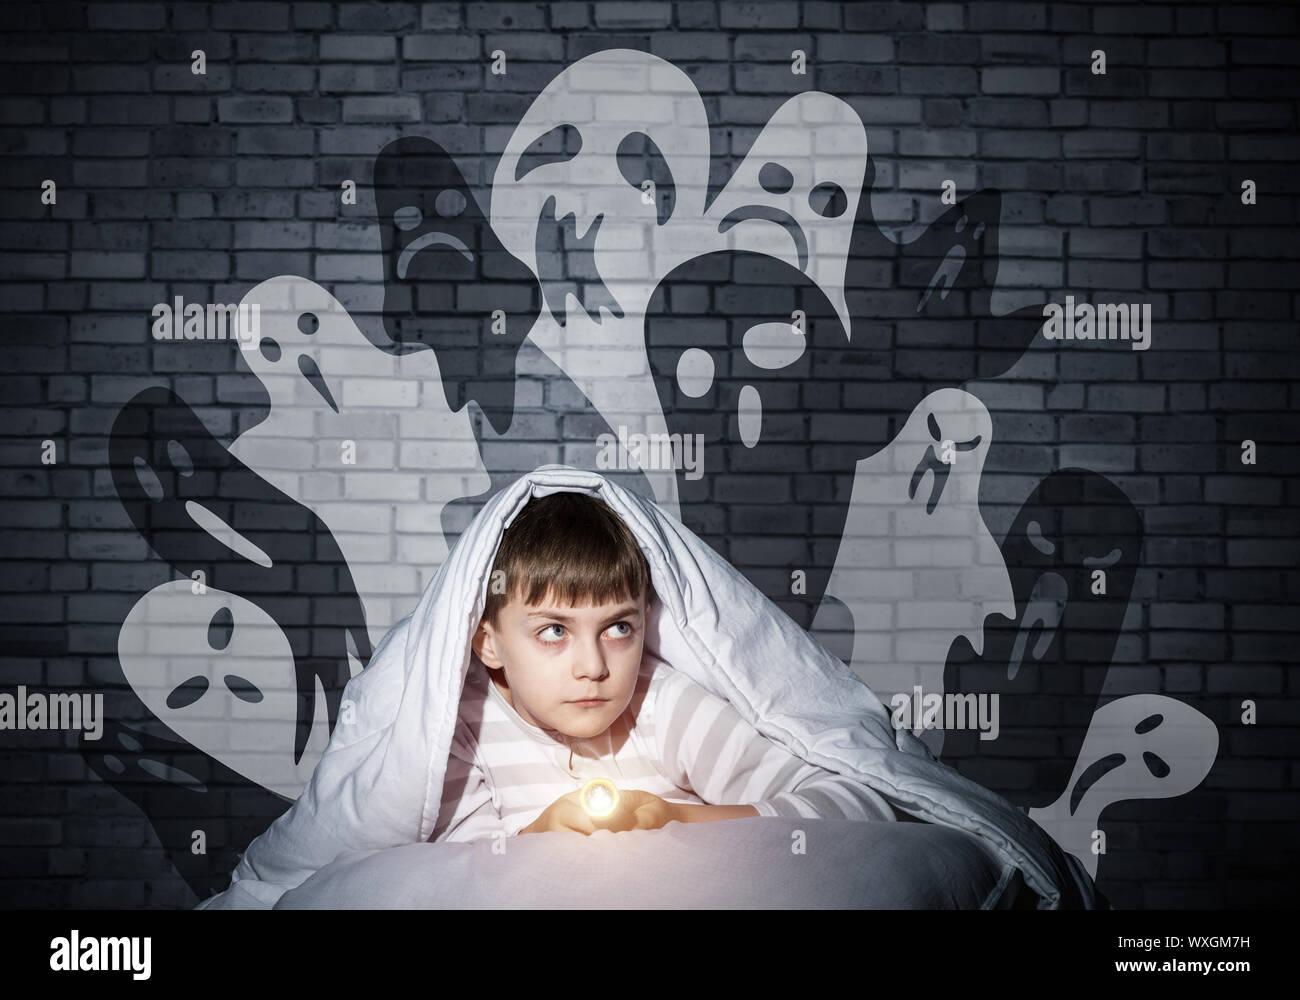 Niño asustado con linterna escondido debajo de una manta. Scary Halloween Monstruos Fantasmales en la pared. Asustado cabrito en pijamas en su cama, en su casa. Miedo Foto de stock